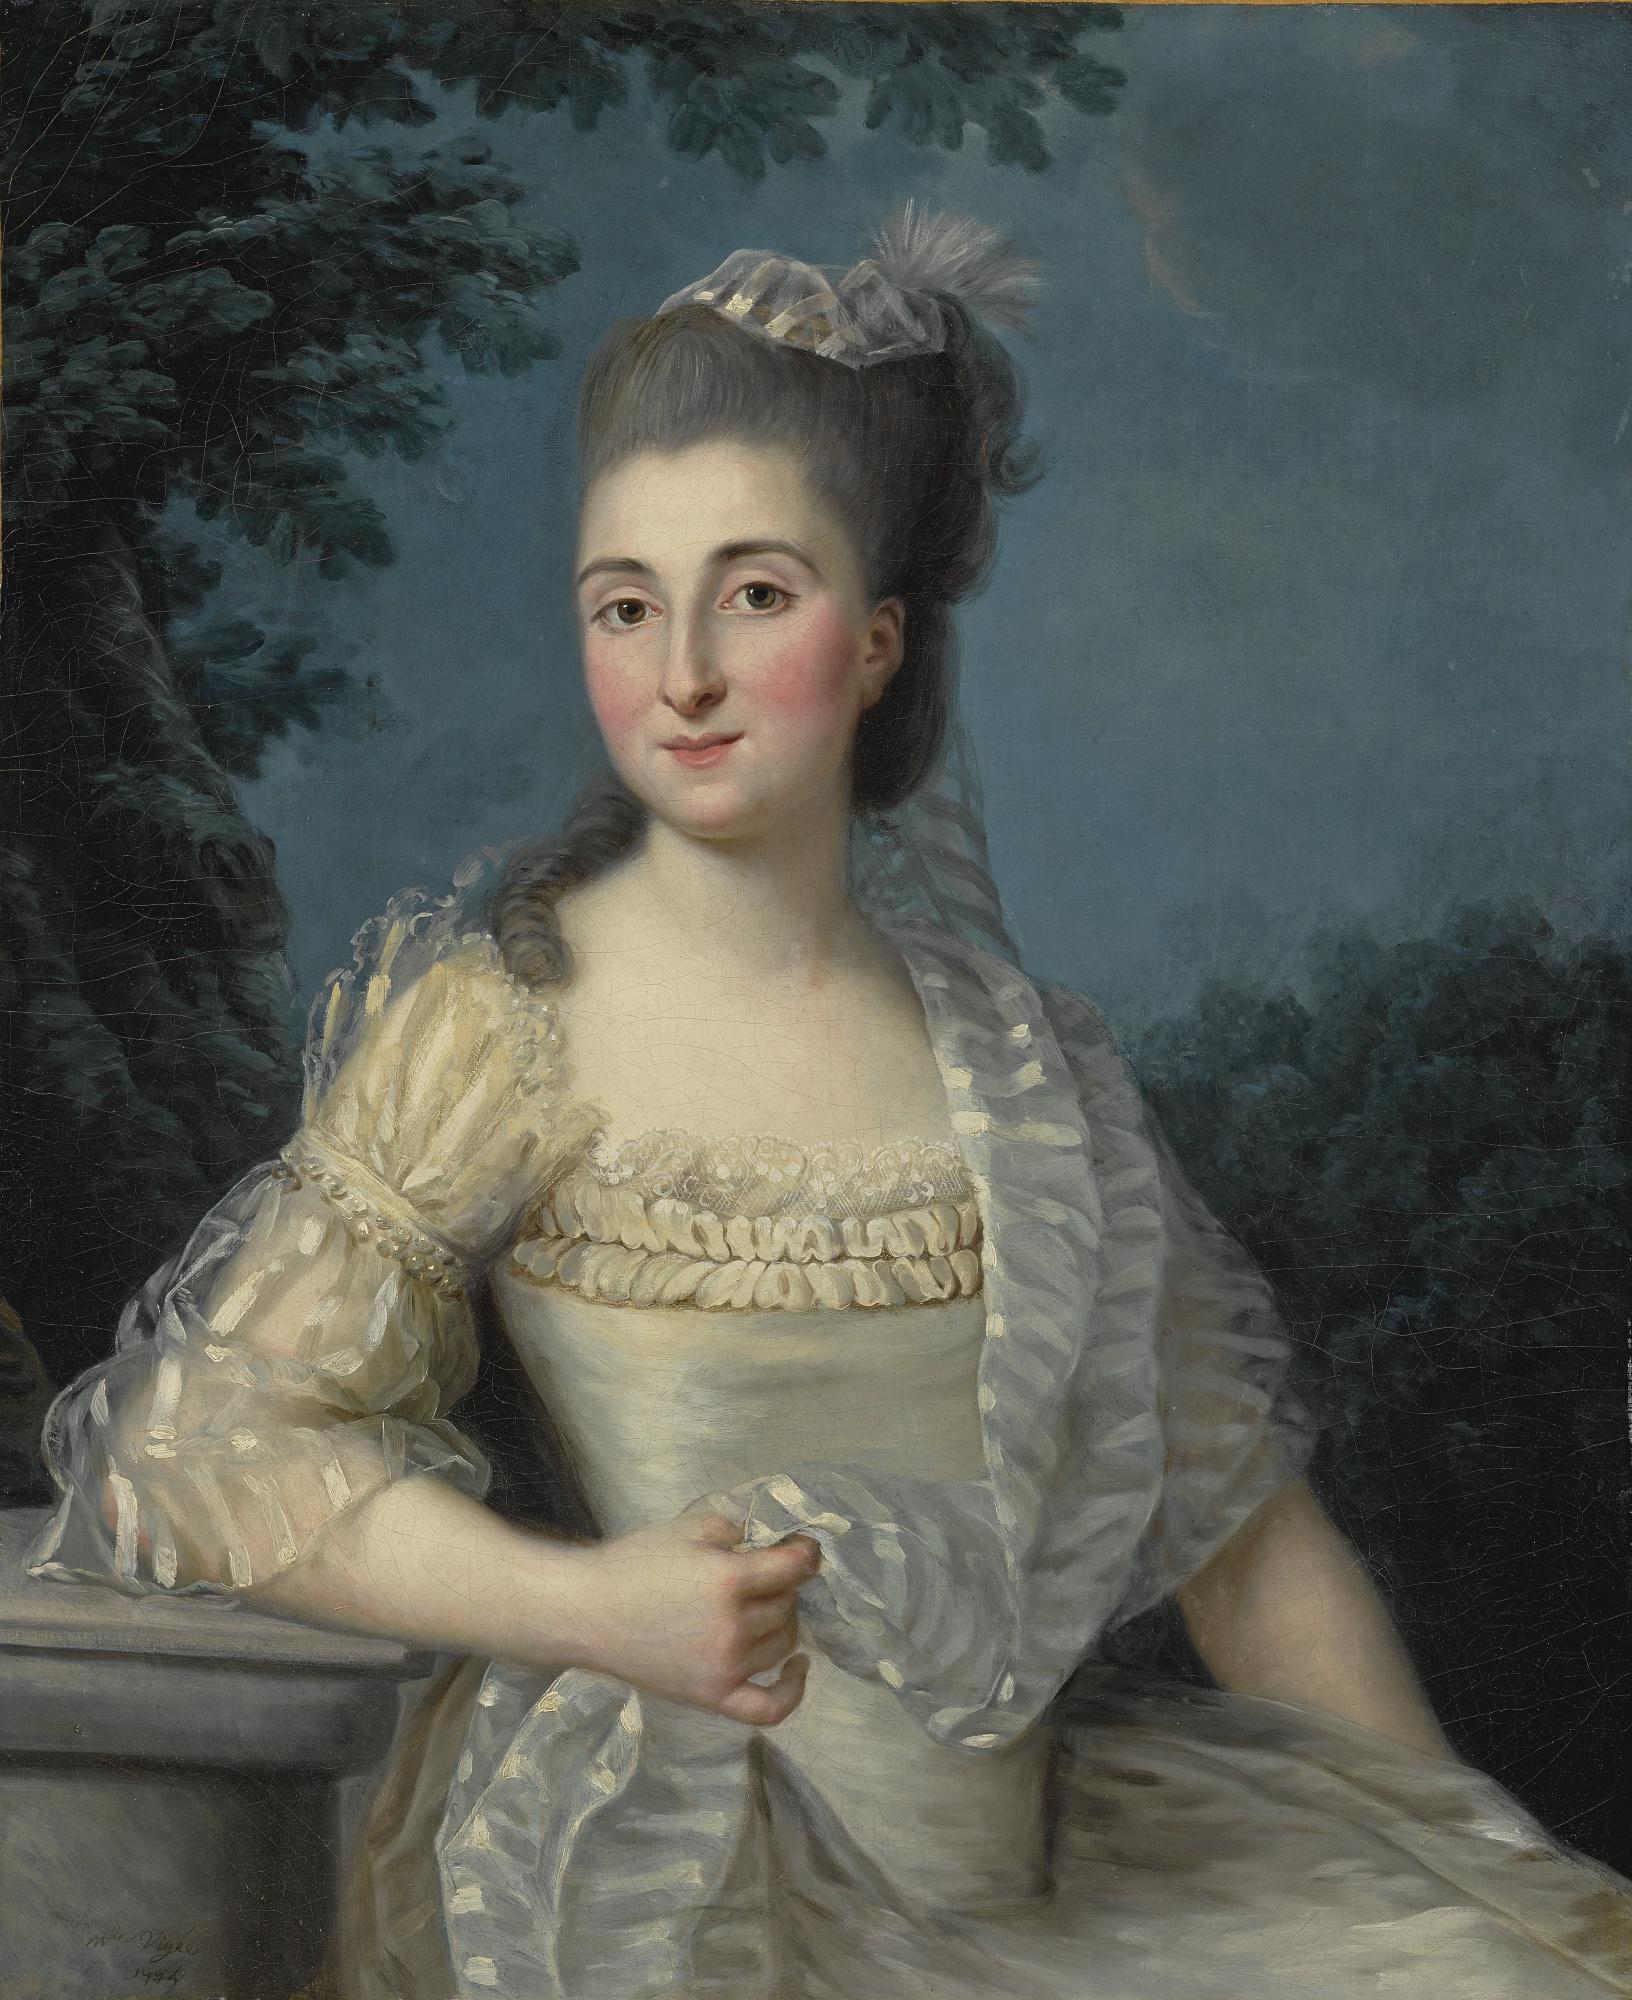 Auch am 31. Januar kommt bei Sotheby's in New York eine Arbeit Élisabeth Vigée-Lebruns zum Aufruf. Das Portrait einer jungen Dame von 1774 ist eine frühe Arbeit der damals erst 19-jährigen Malerin | Abb.: Sotheby's